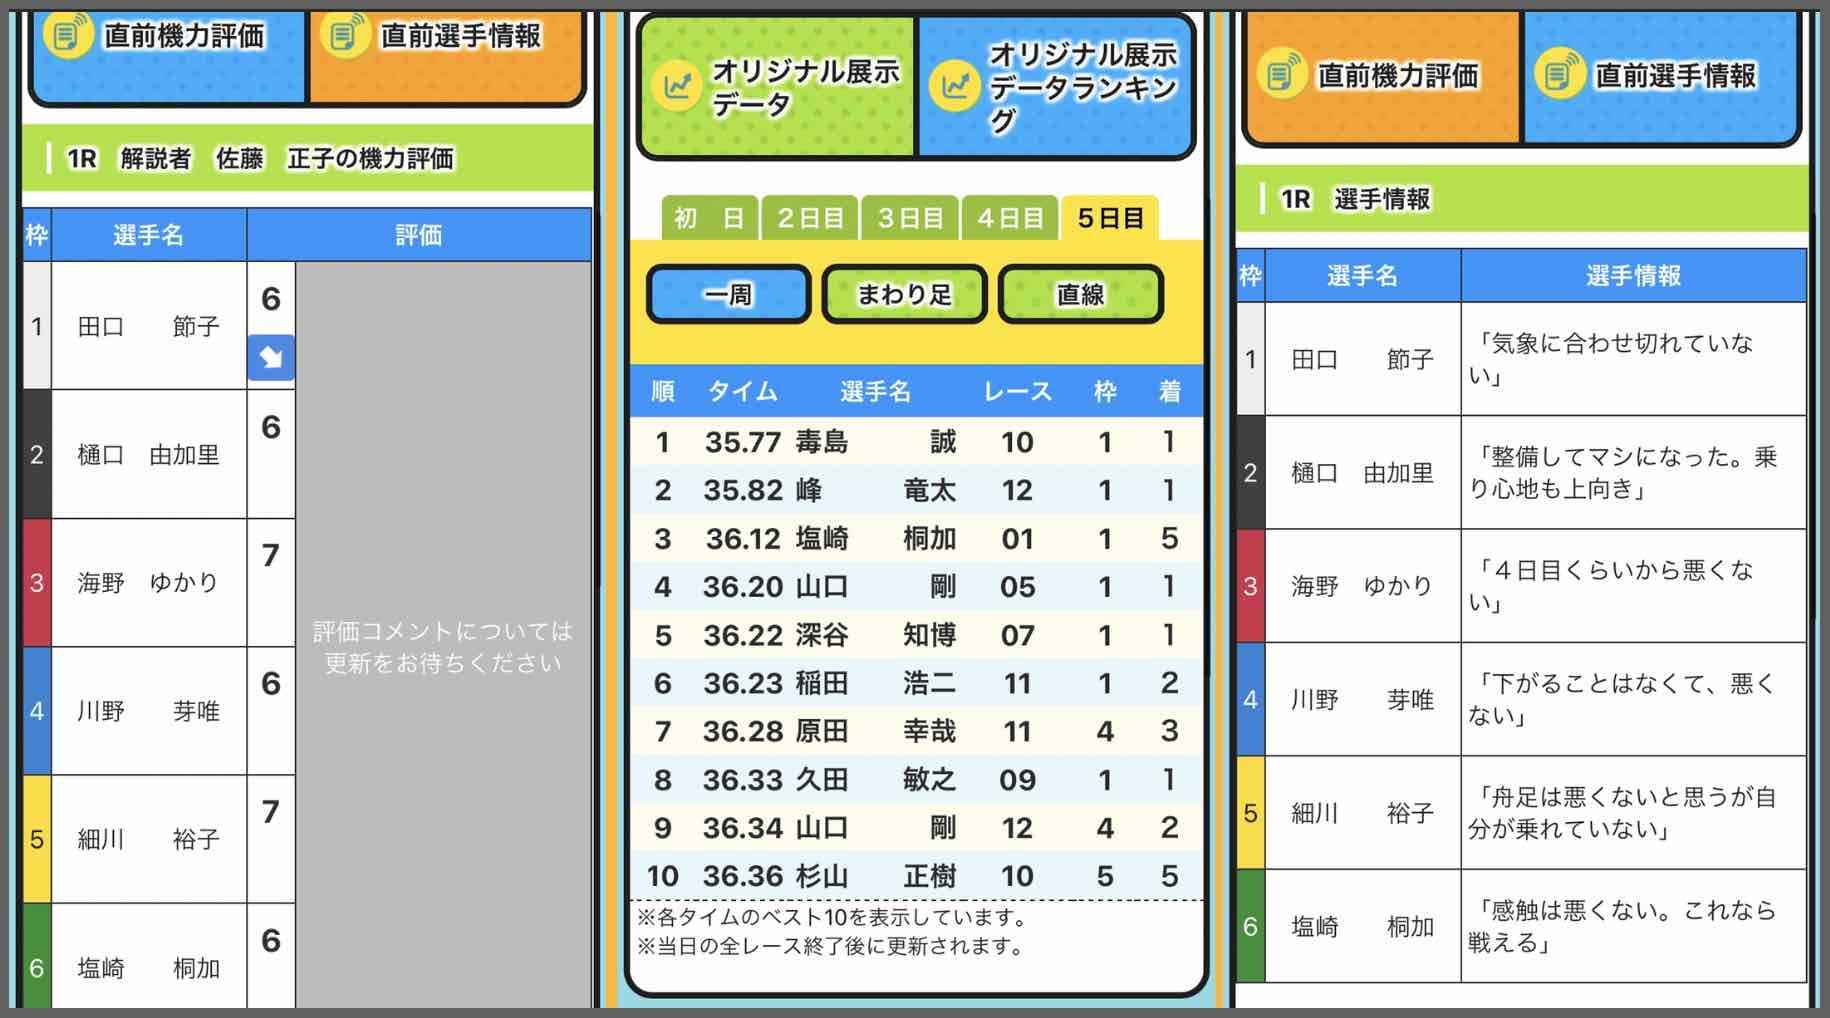 競艇予想、ボートレース予想のレジャチャンサプリでレース直前に更新される情報